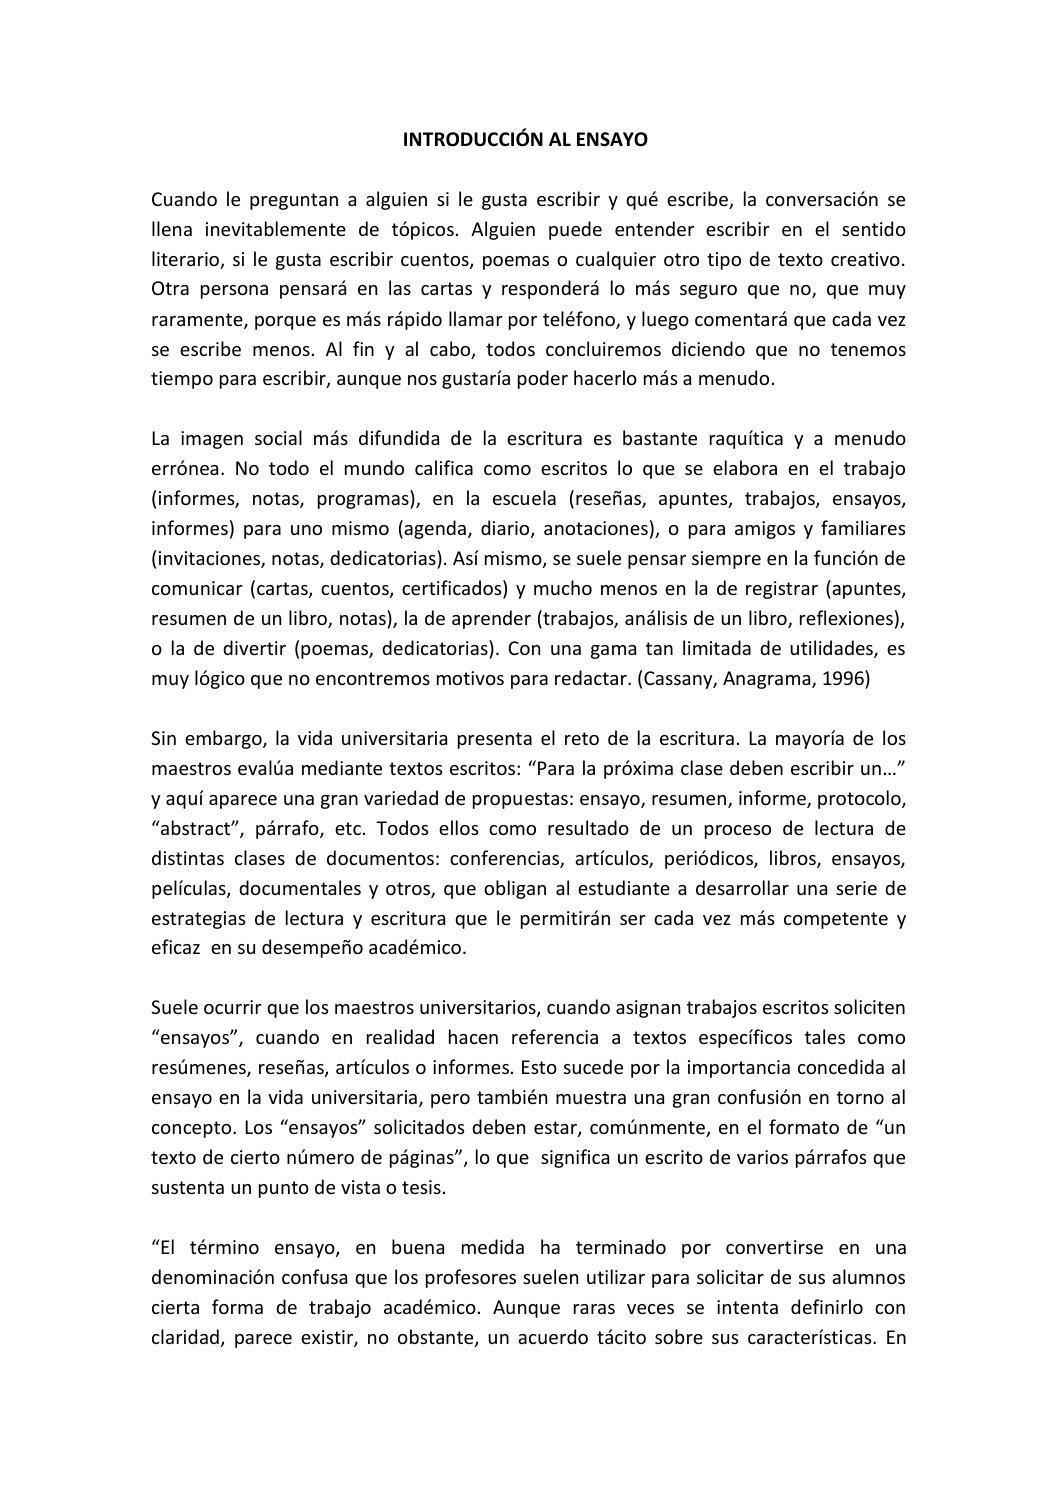 Como escribir un ensayo argumentativo by elena bocel xoch - issuu